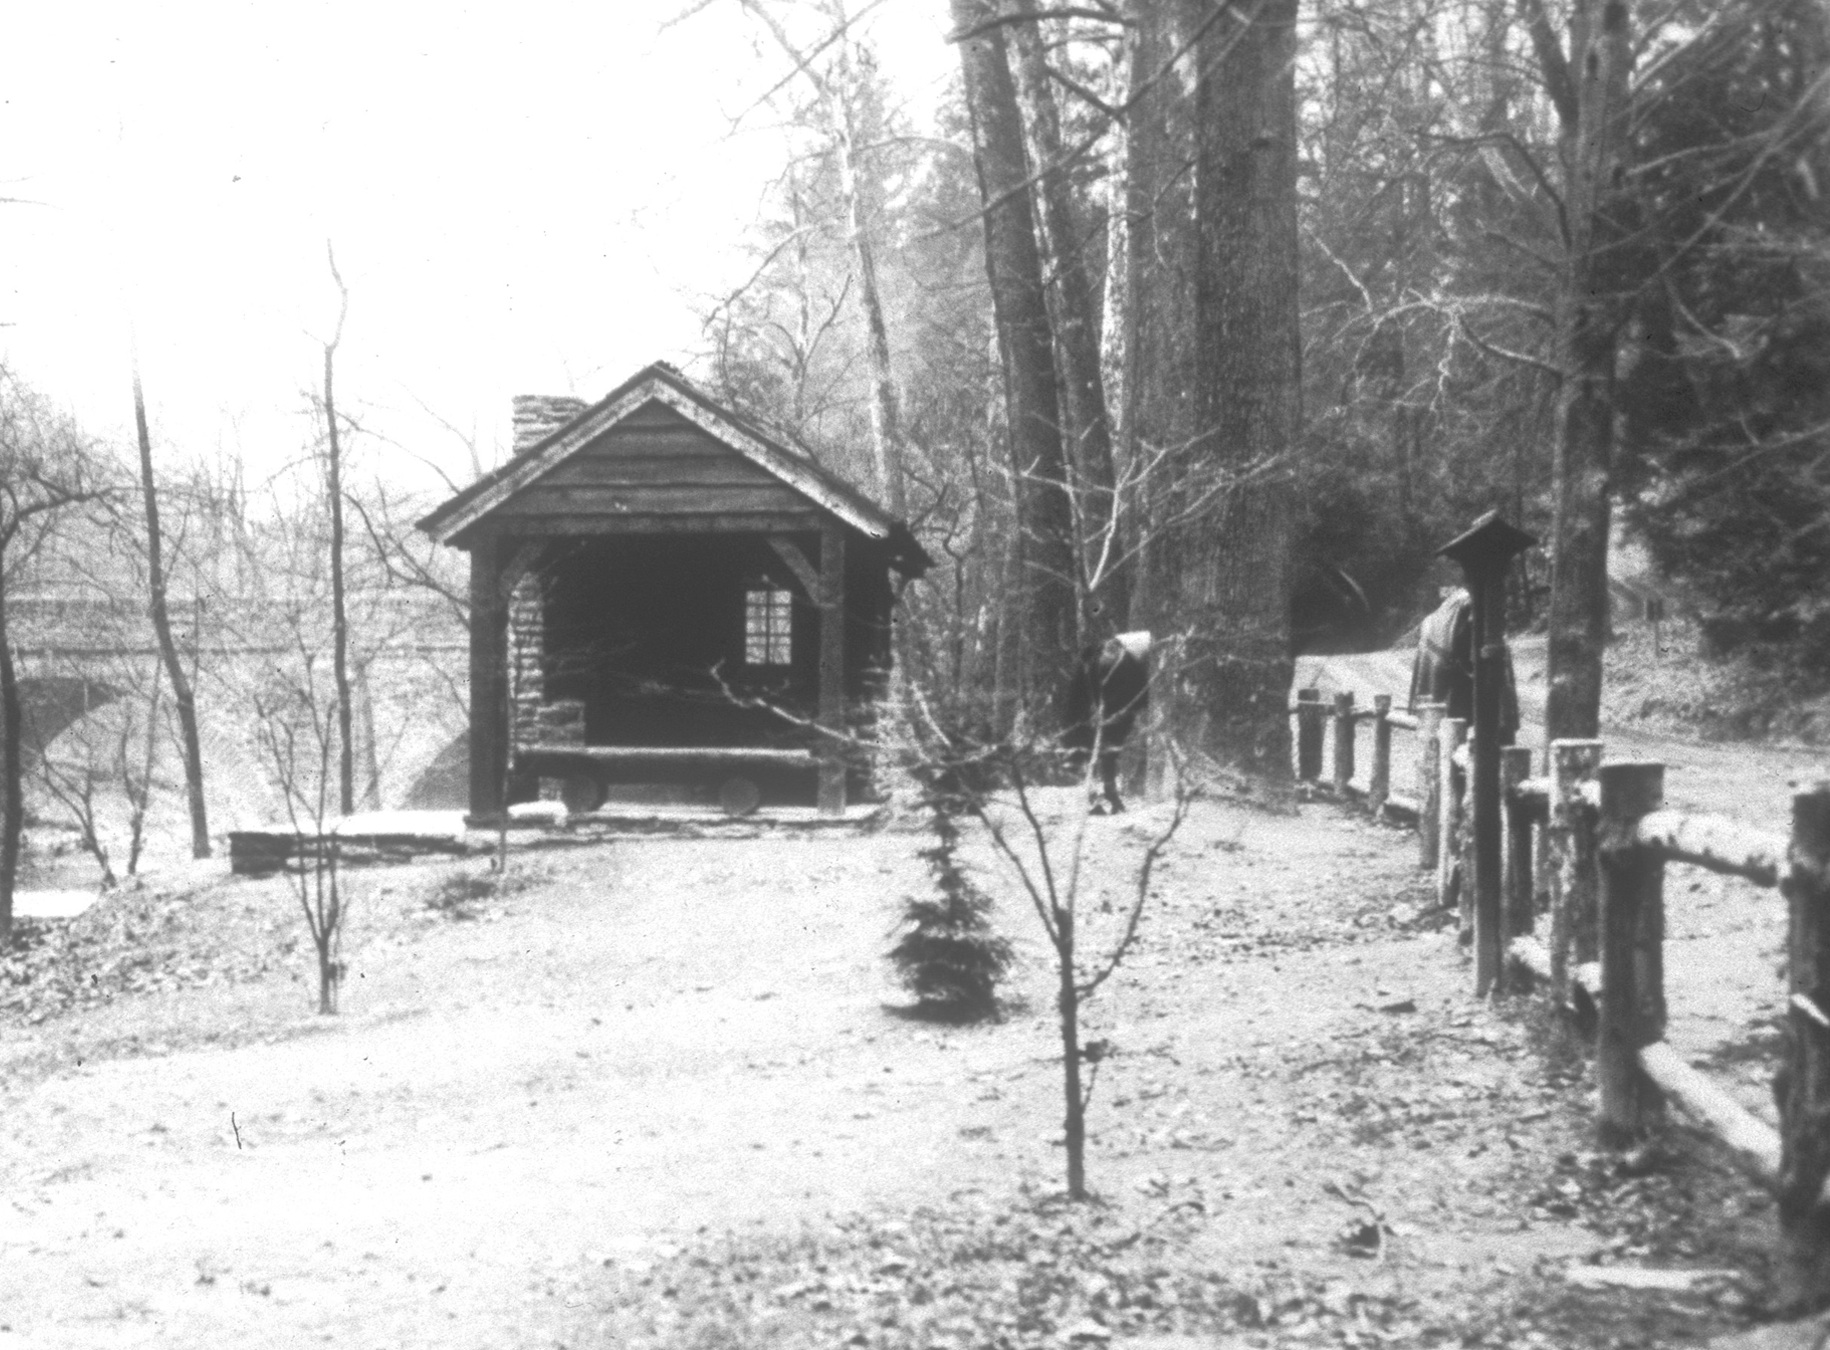 Figure 3. Allen's Lane Shelter, original WPA documentation photograph, 1938 (Fairmount Park Commission Archives, Philadelphia, Pennsylvania).